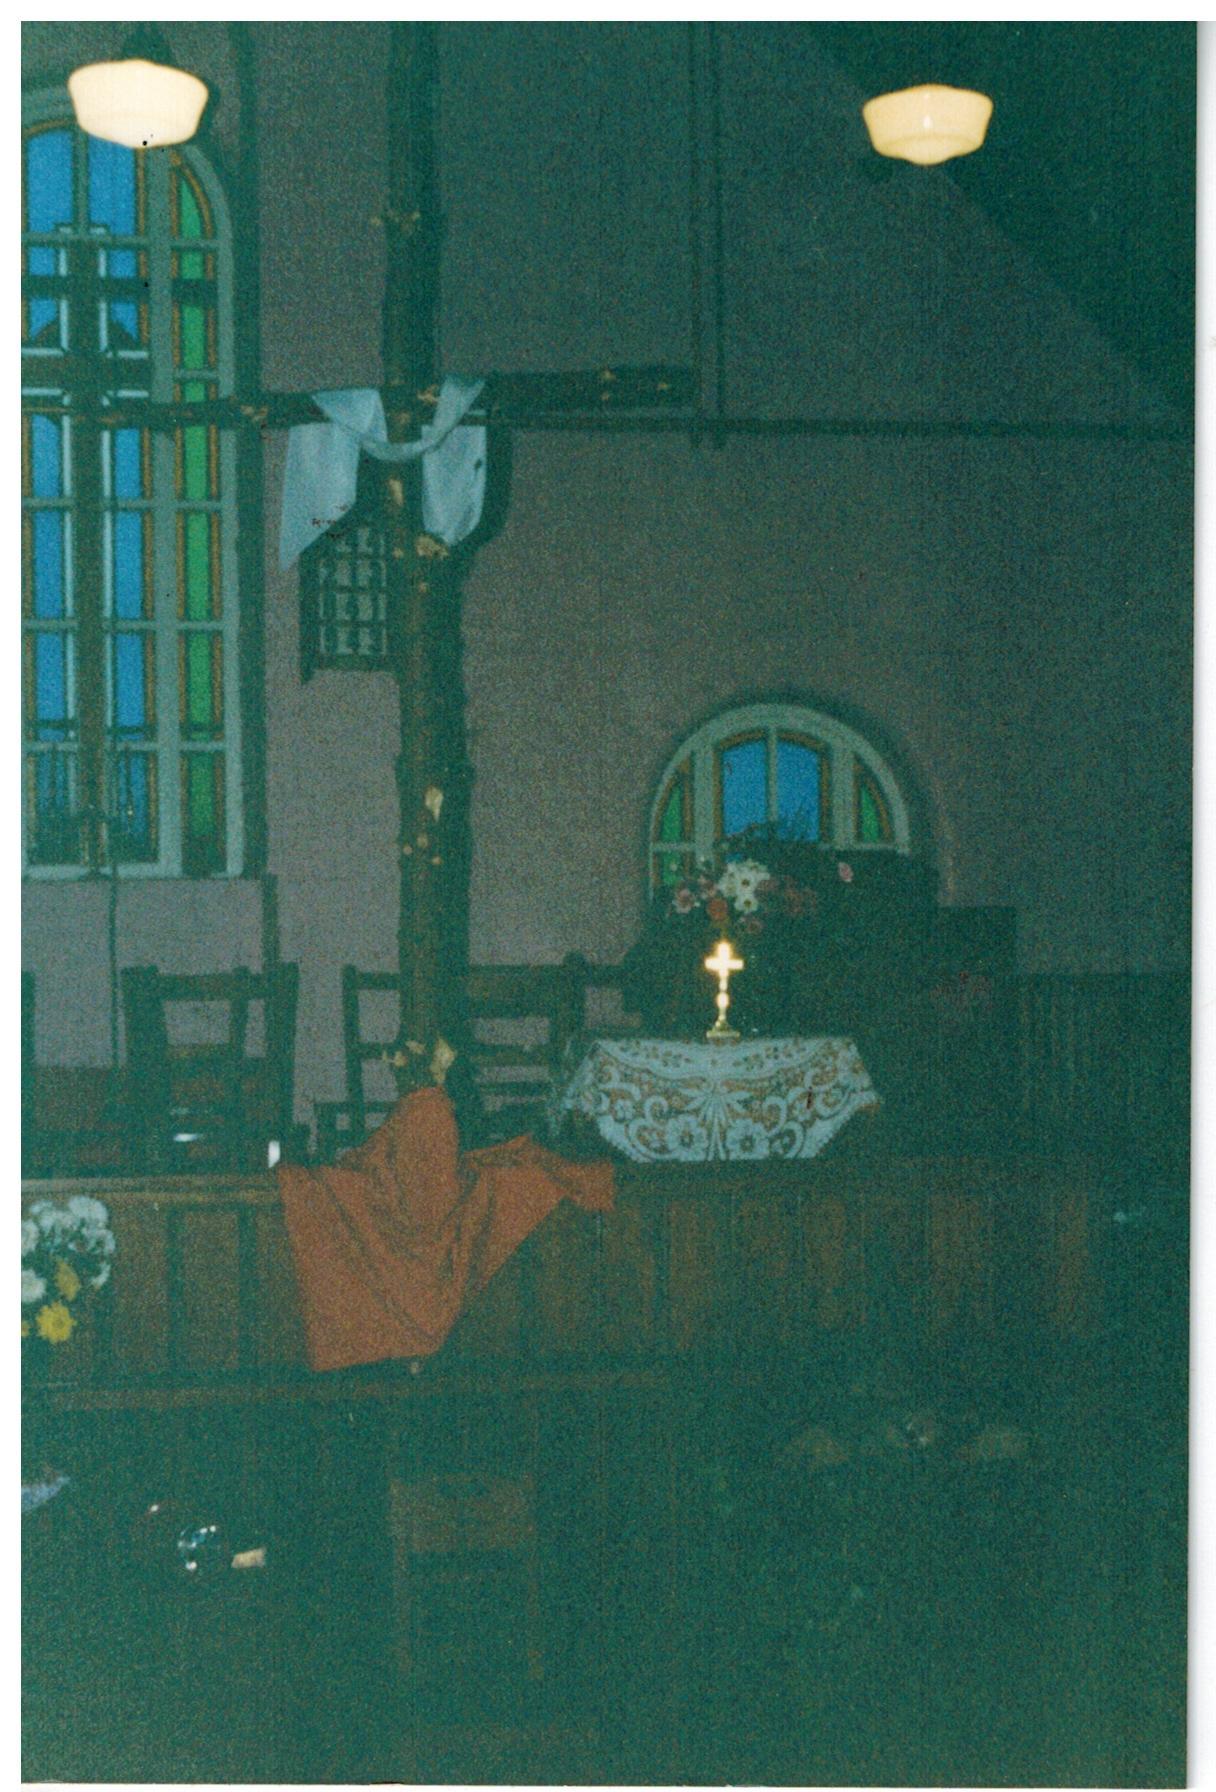 I027_Easter-1995